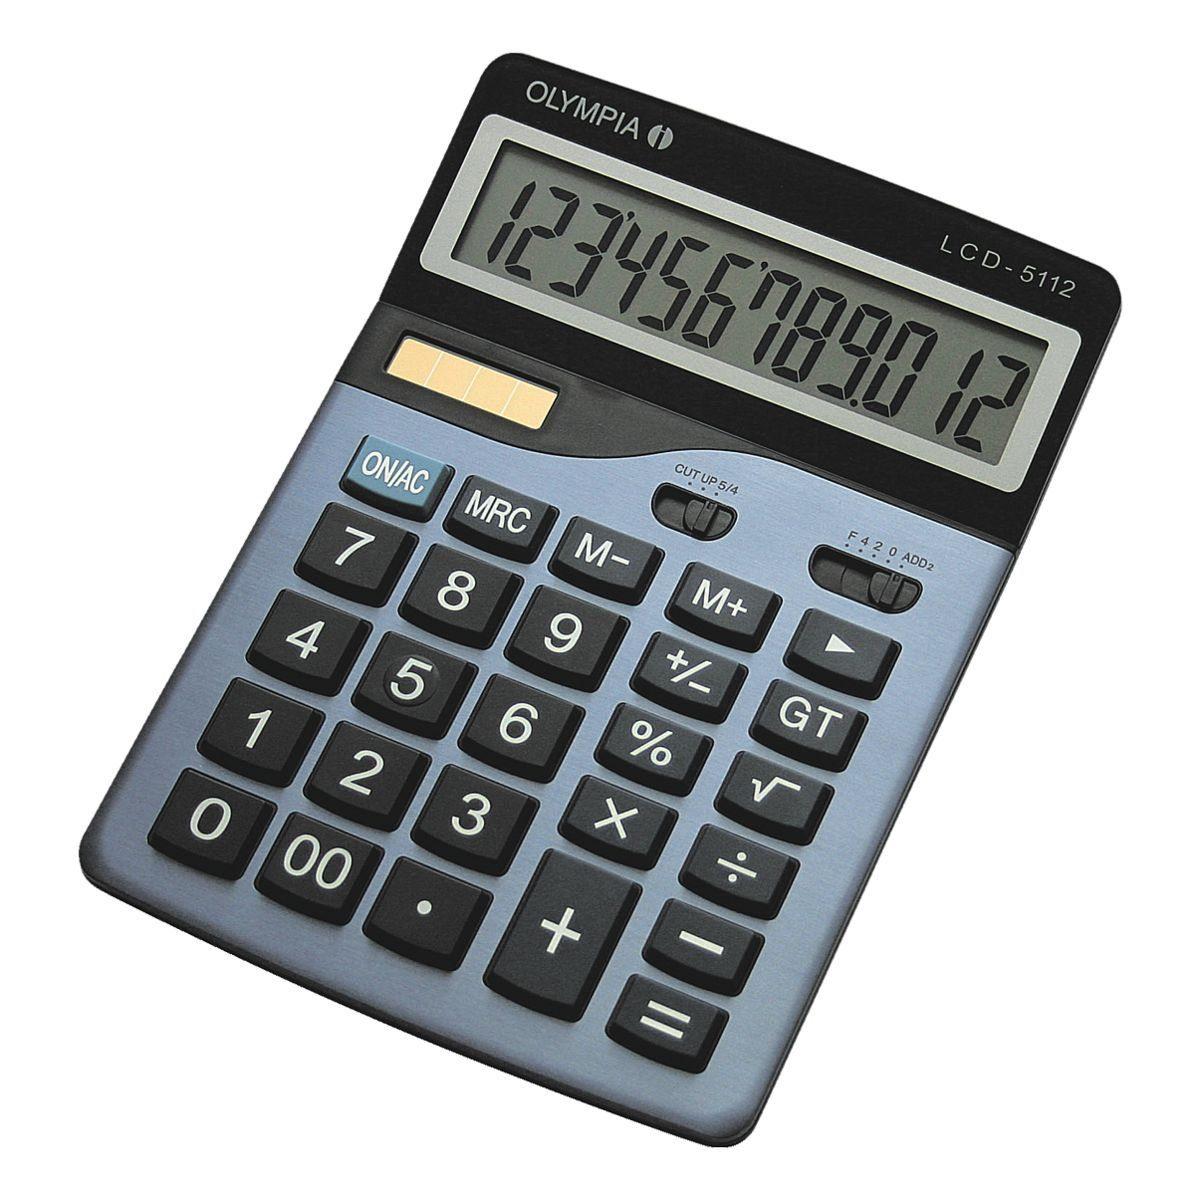 Olympia Tischrechner »LCD 5112«